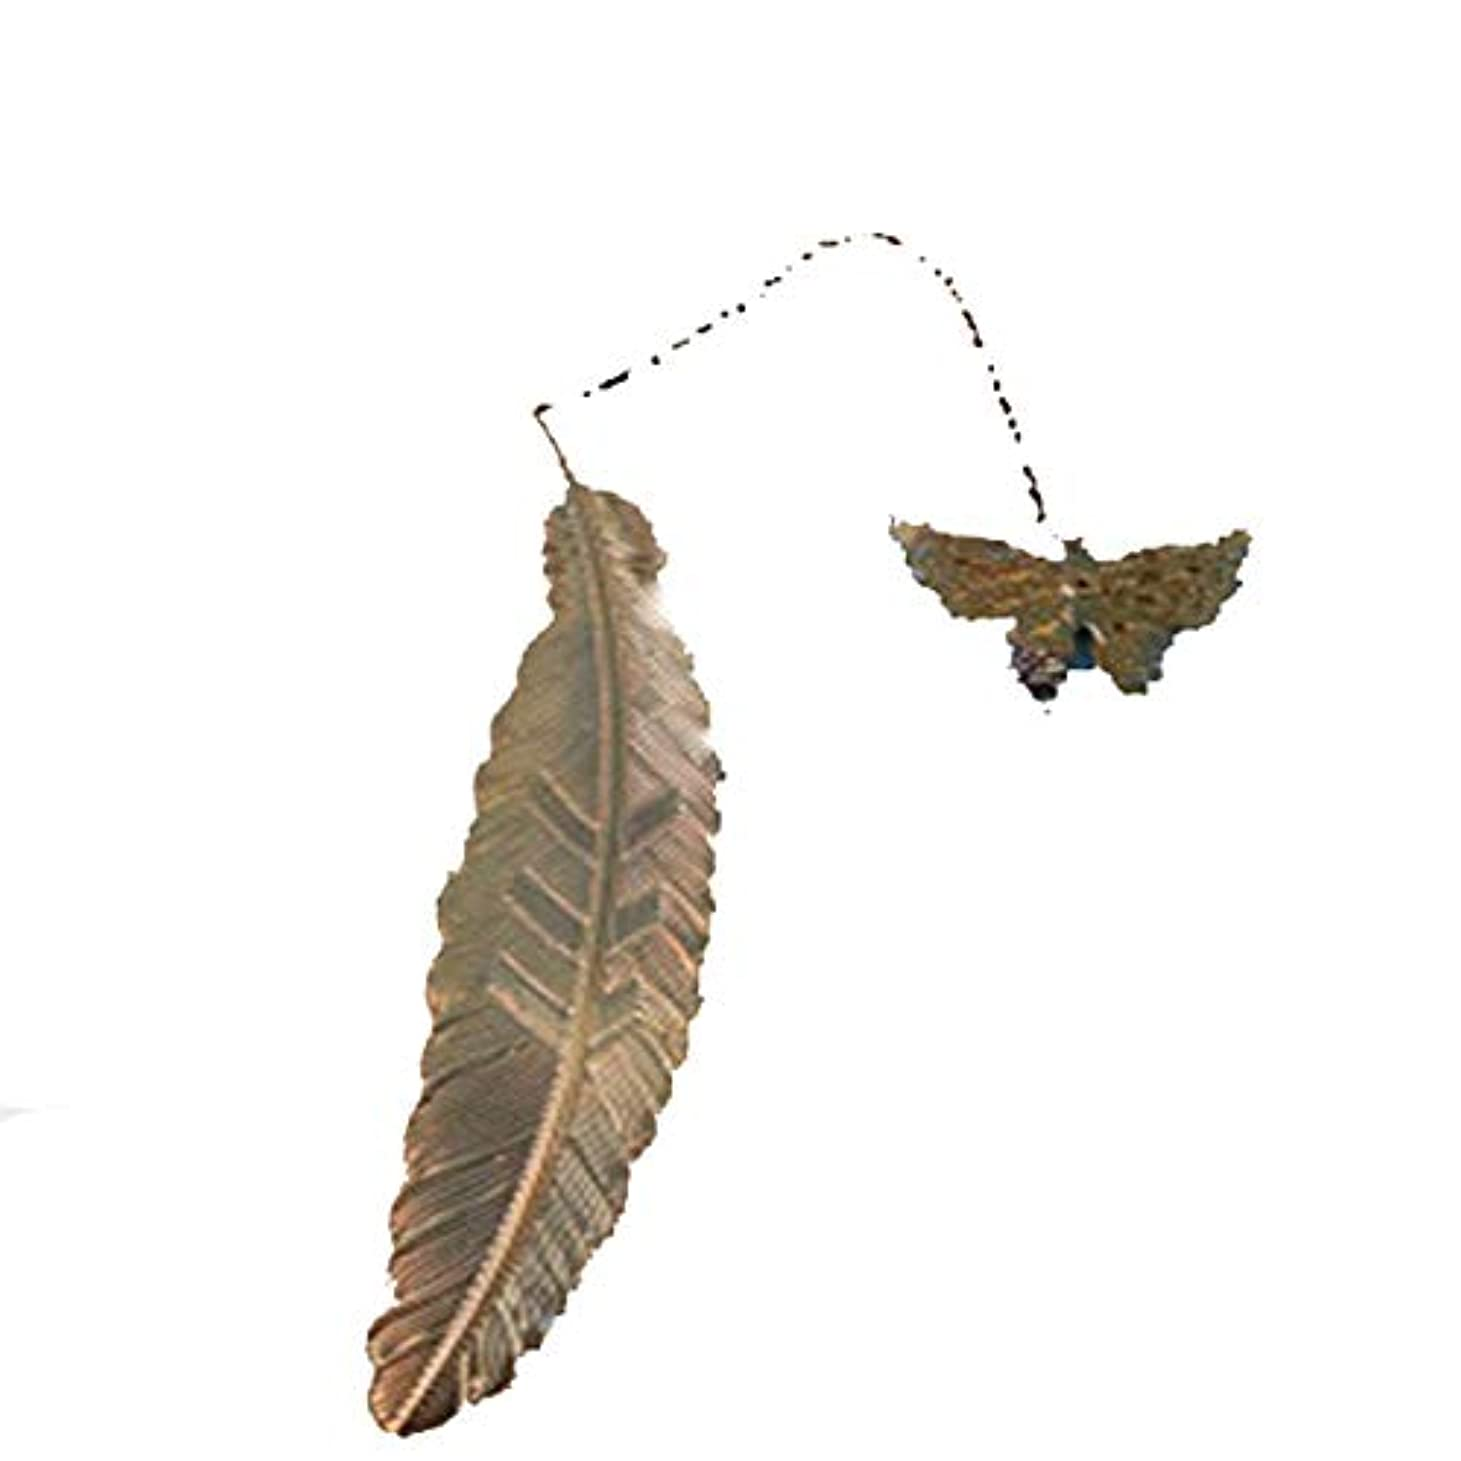 期間限定排泄物Youshangshipin 520ギフト学校贈り物誕生日プレゼント女の子のバレンタインデープレゼントガールフレンドの創造的な揺れの声実用的な贈り物Jinyu + Butterfly + Gift Box,美しいギフトボックス (Color : Gold, Size : Metal-11.5cm)